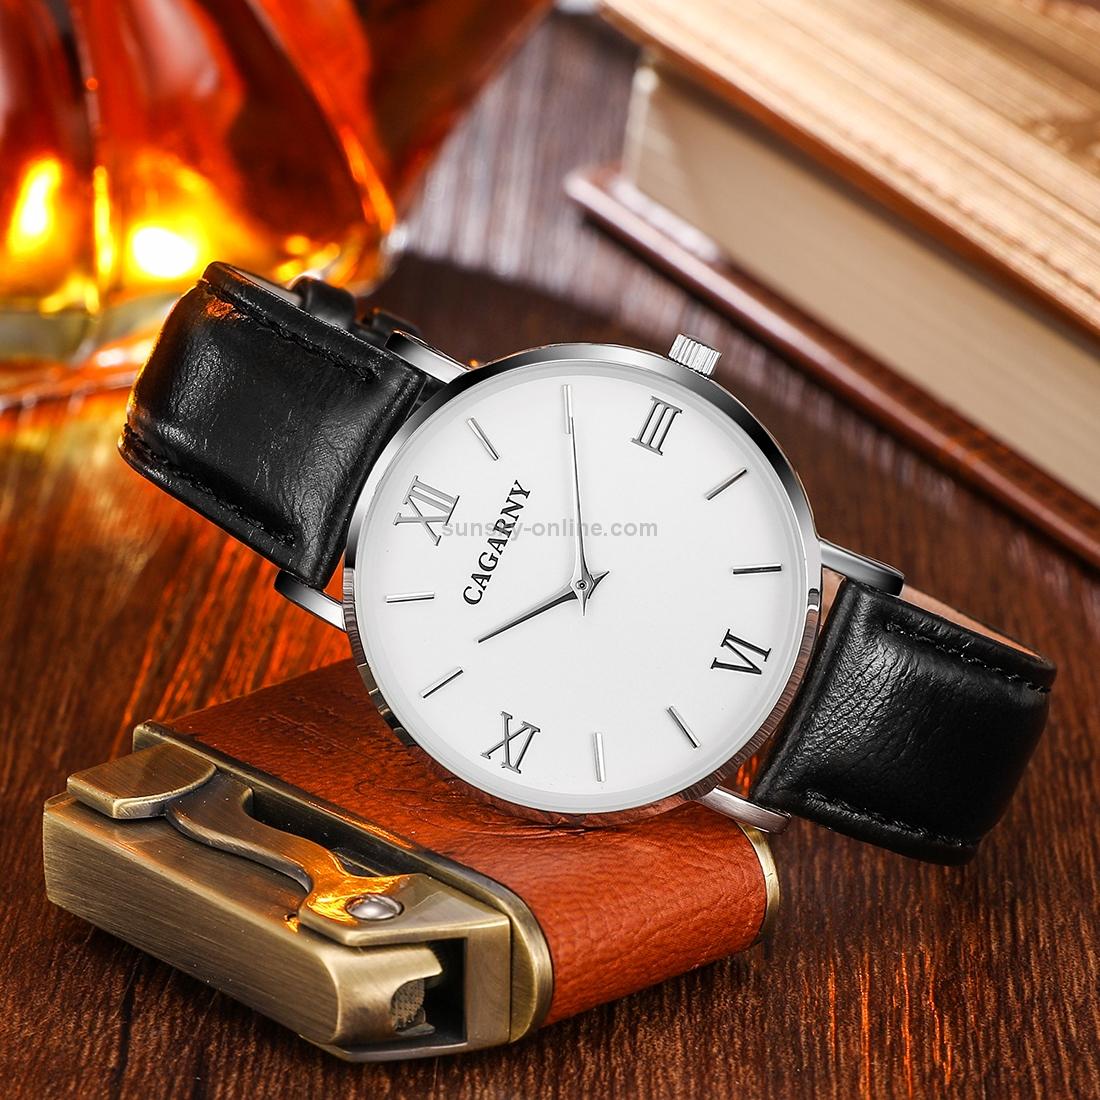 Тонкие наручные часы купить в интернет-магазине